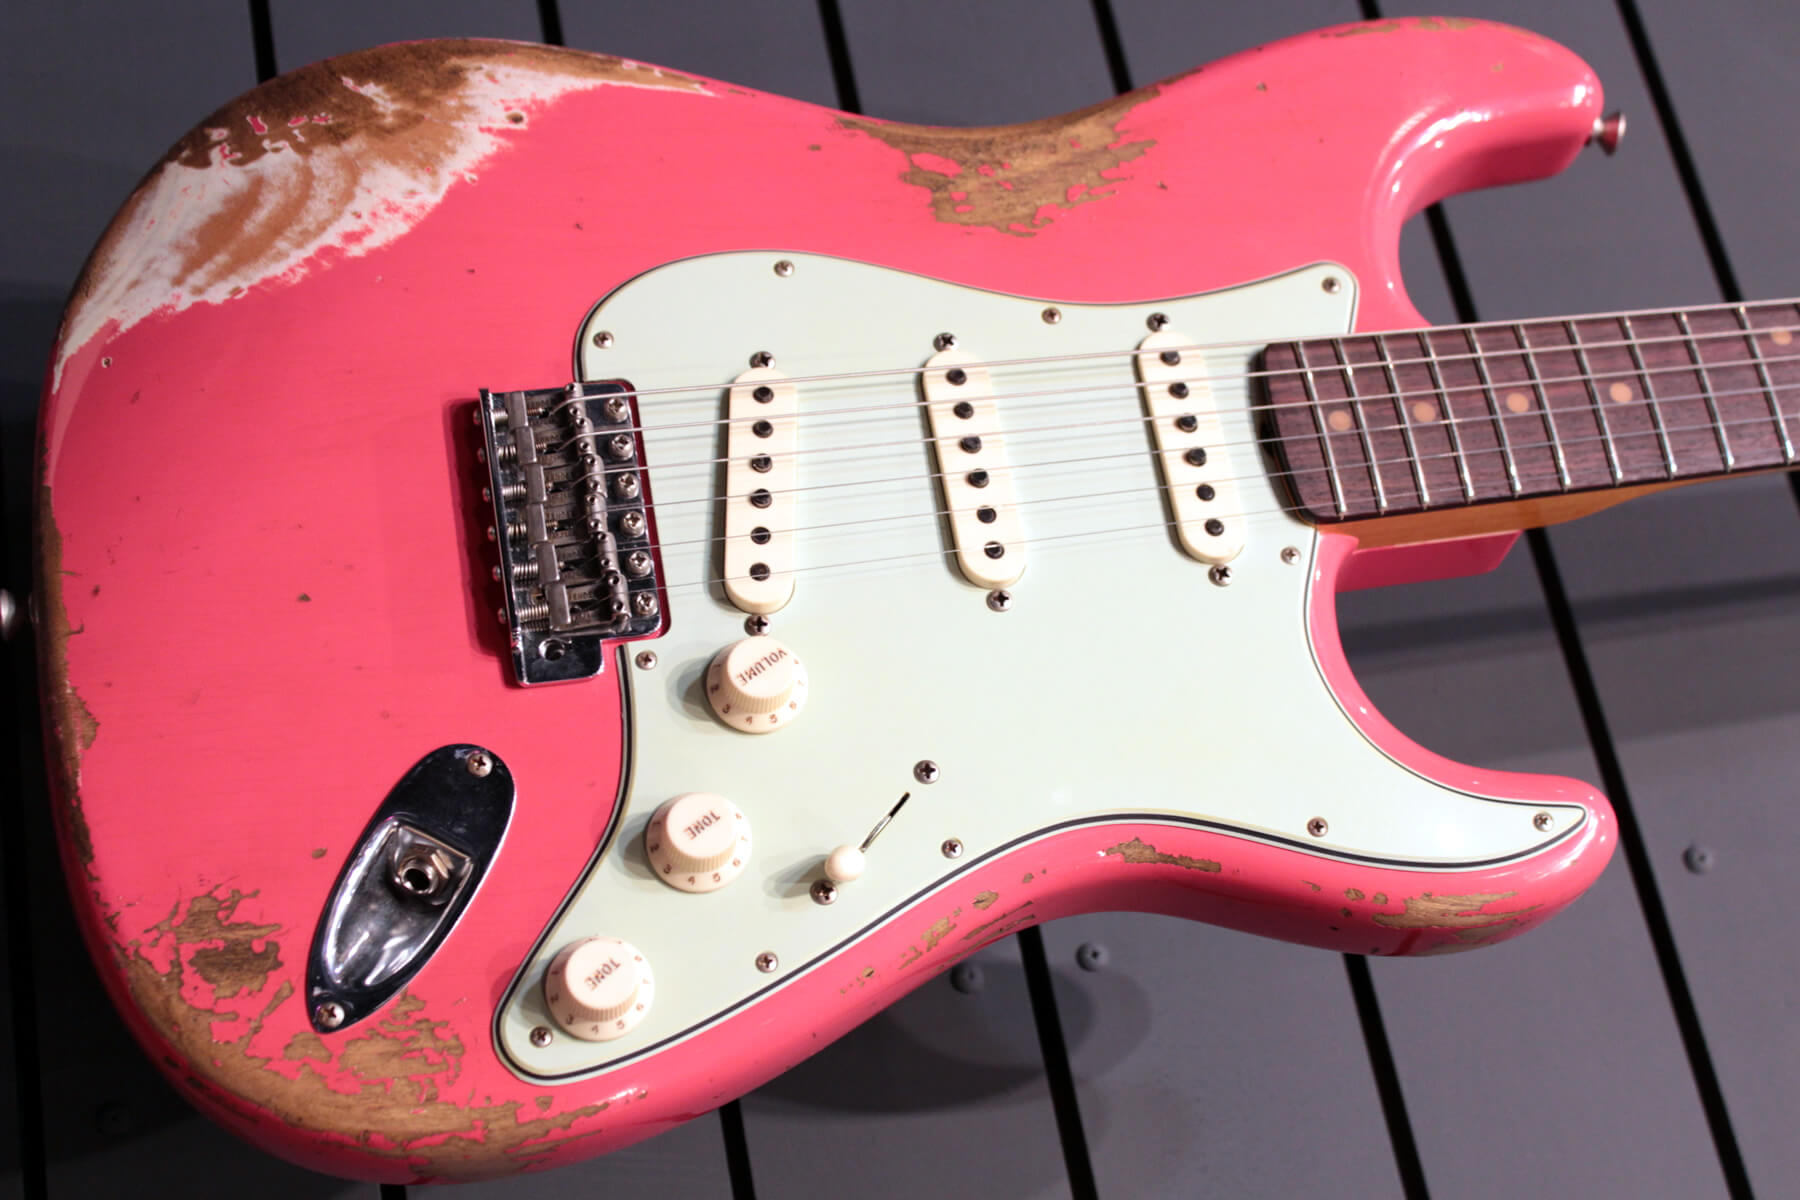 フェンダーカスタムショップ:1962 Stratocaster Heavy Relic